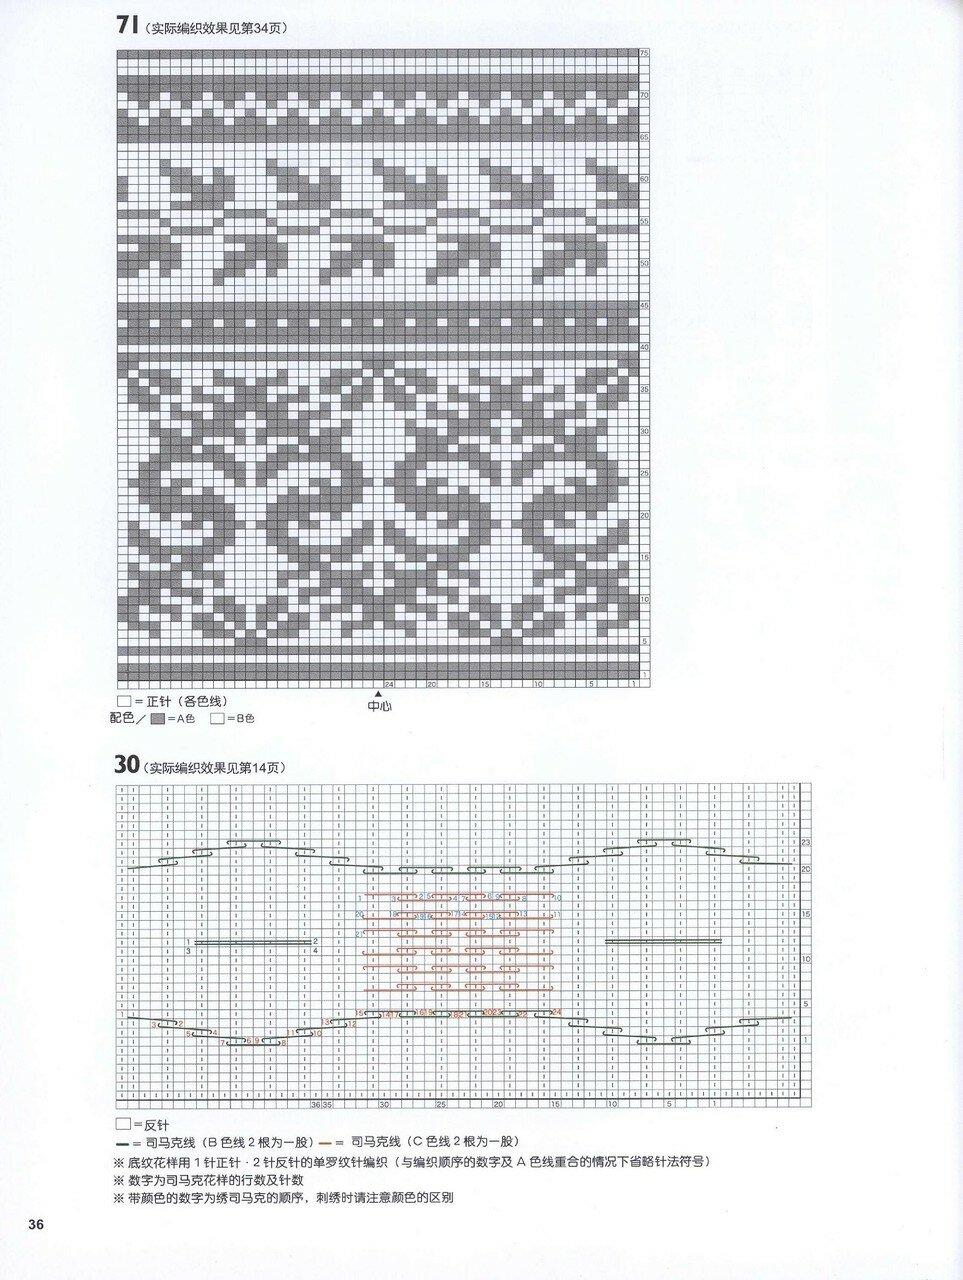 150 Knitting_38.jpg